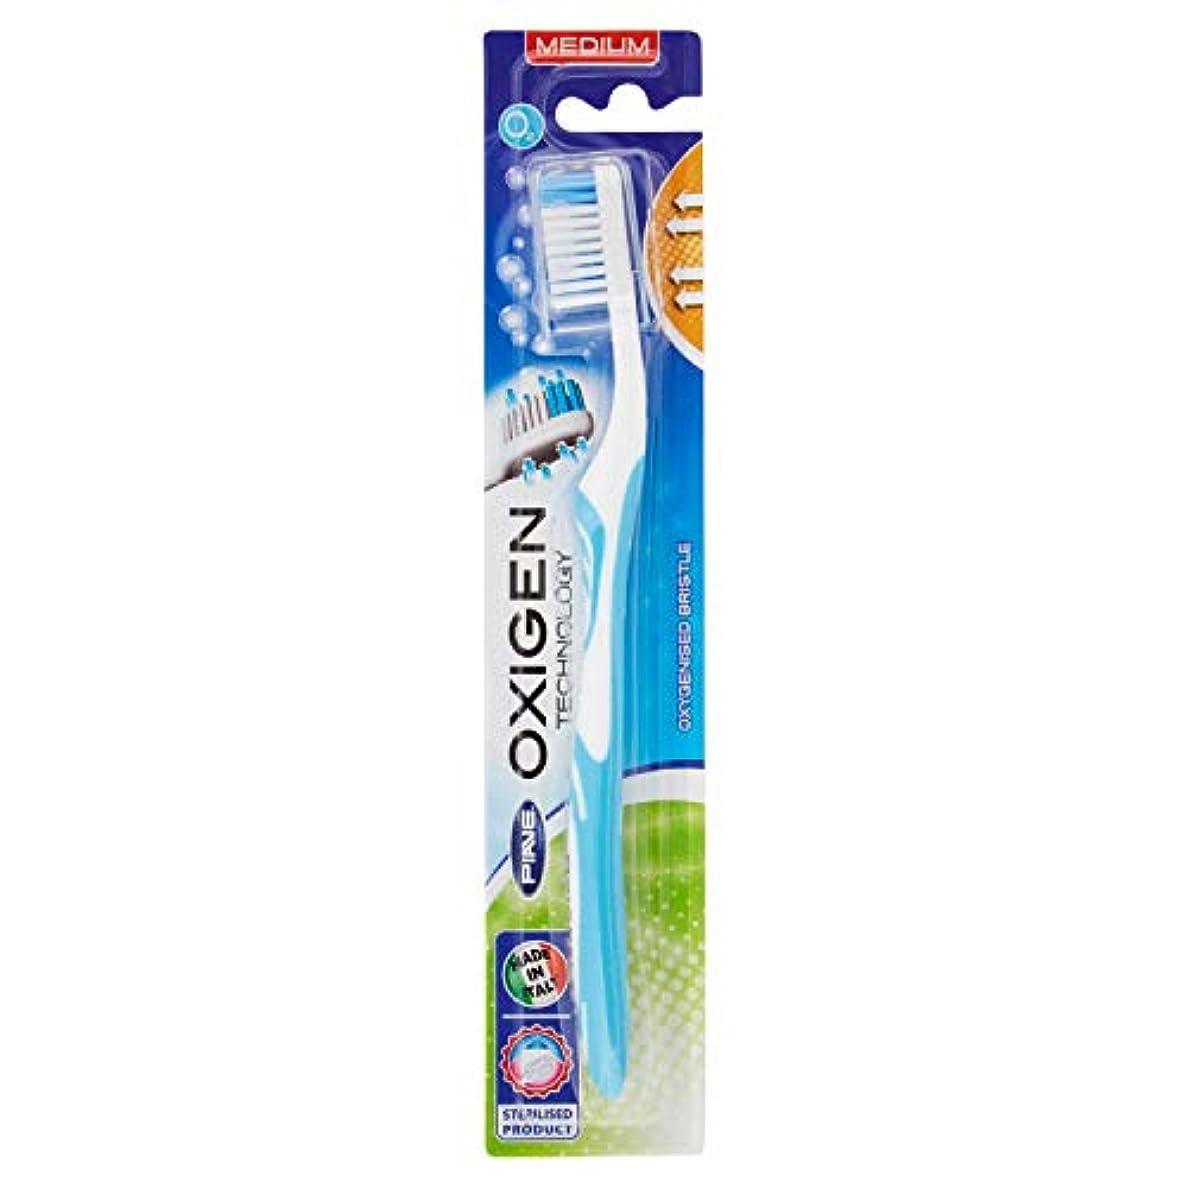 オクシジェン歯ブラシ